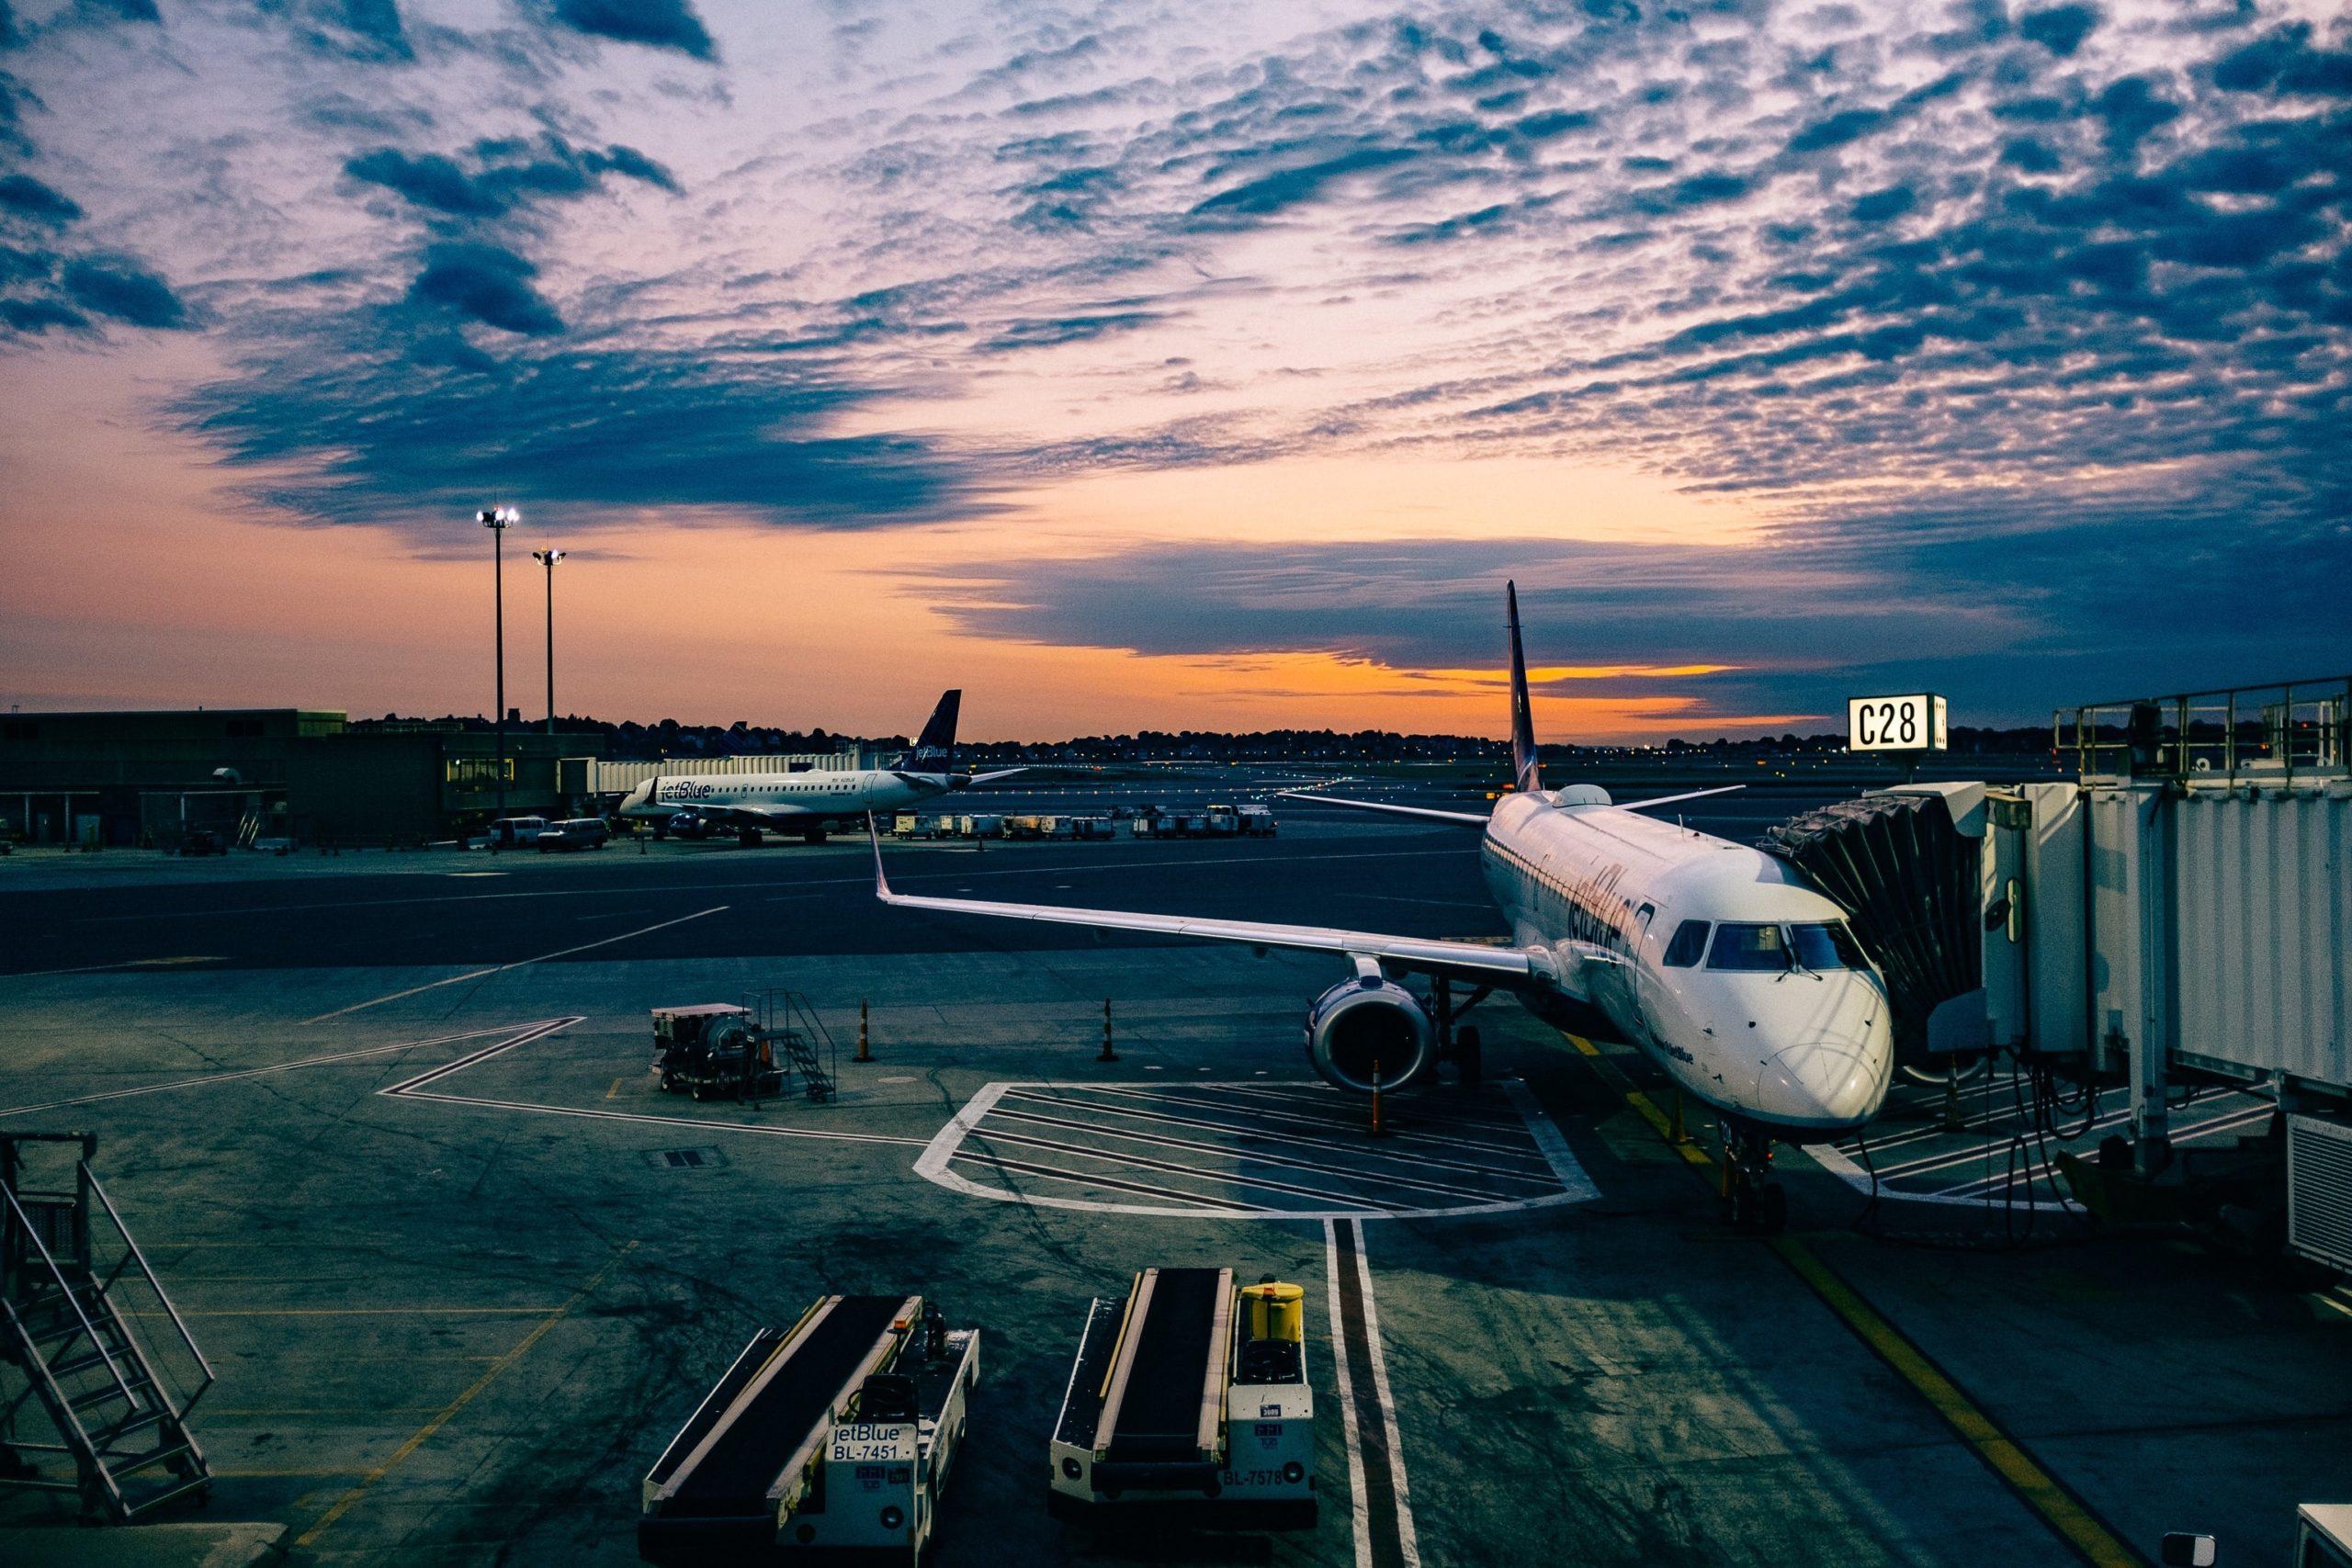 viaggiare in aereo sicuro